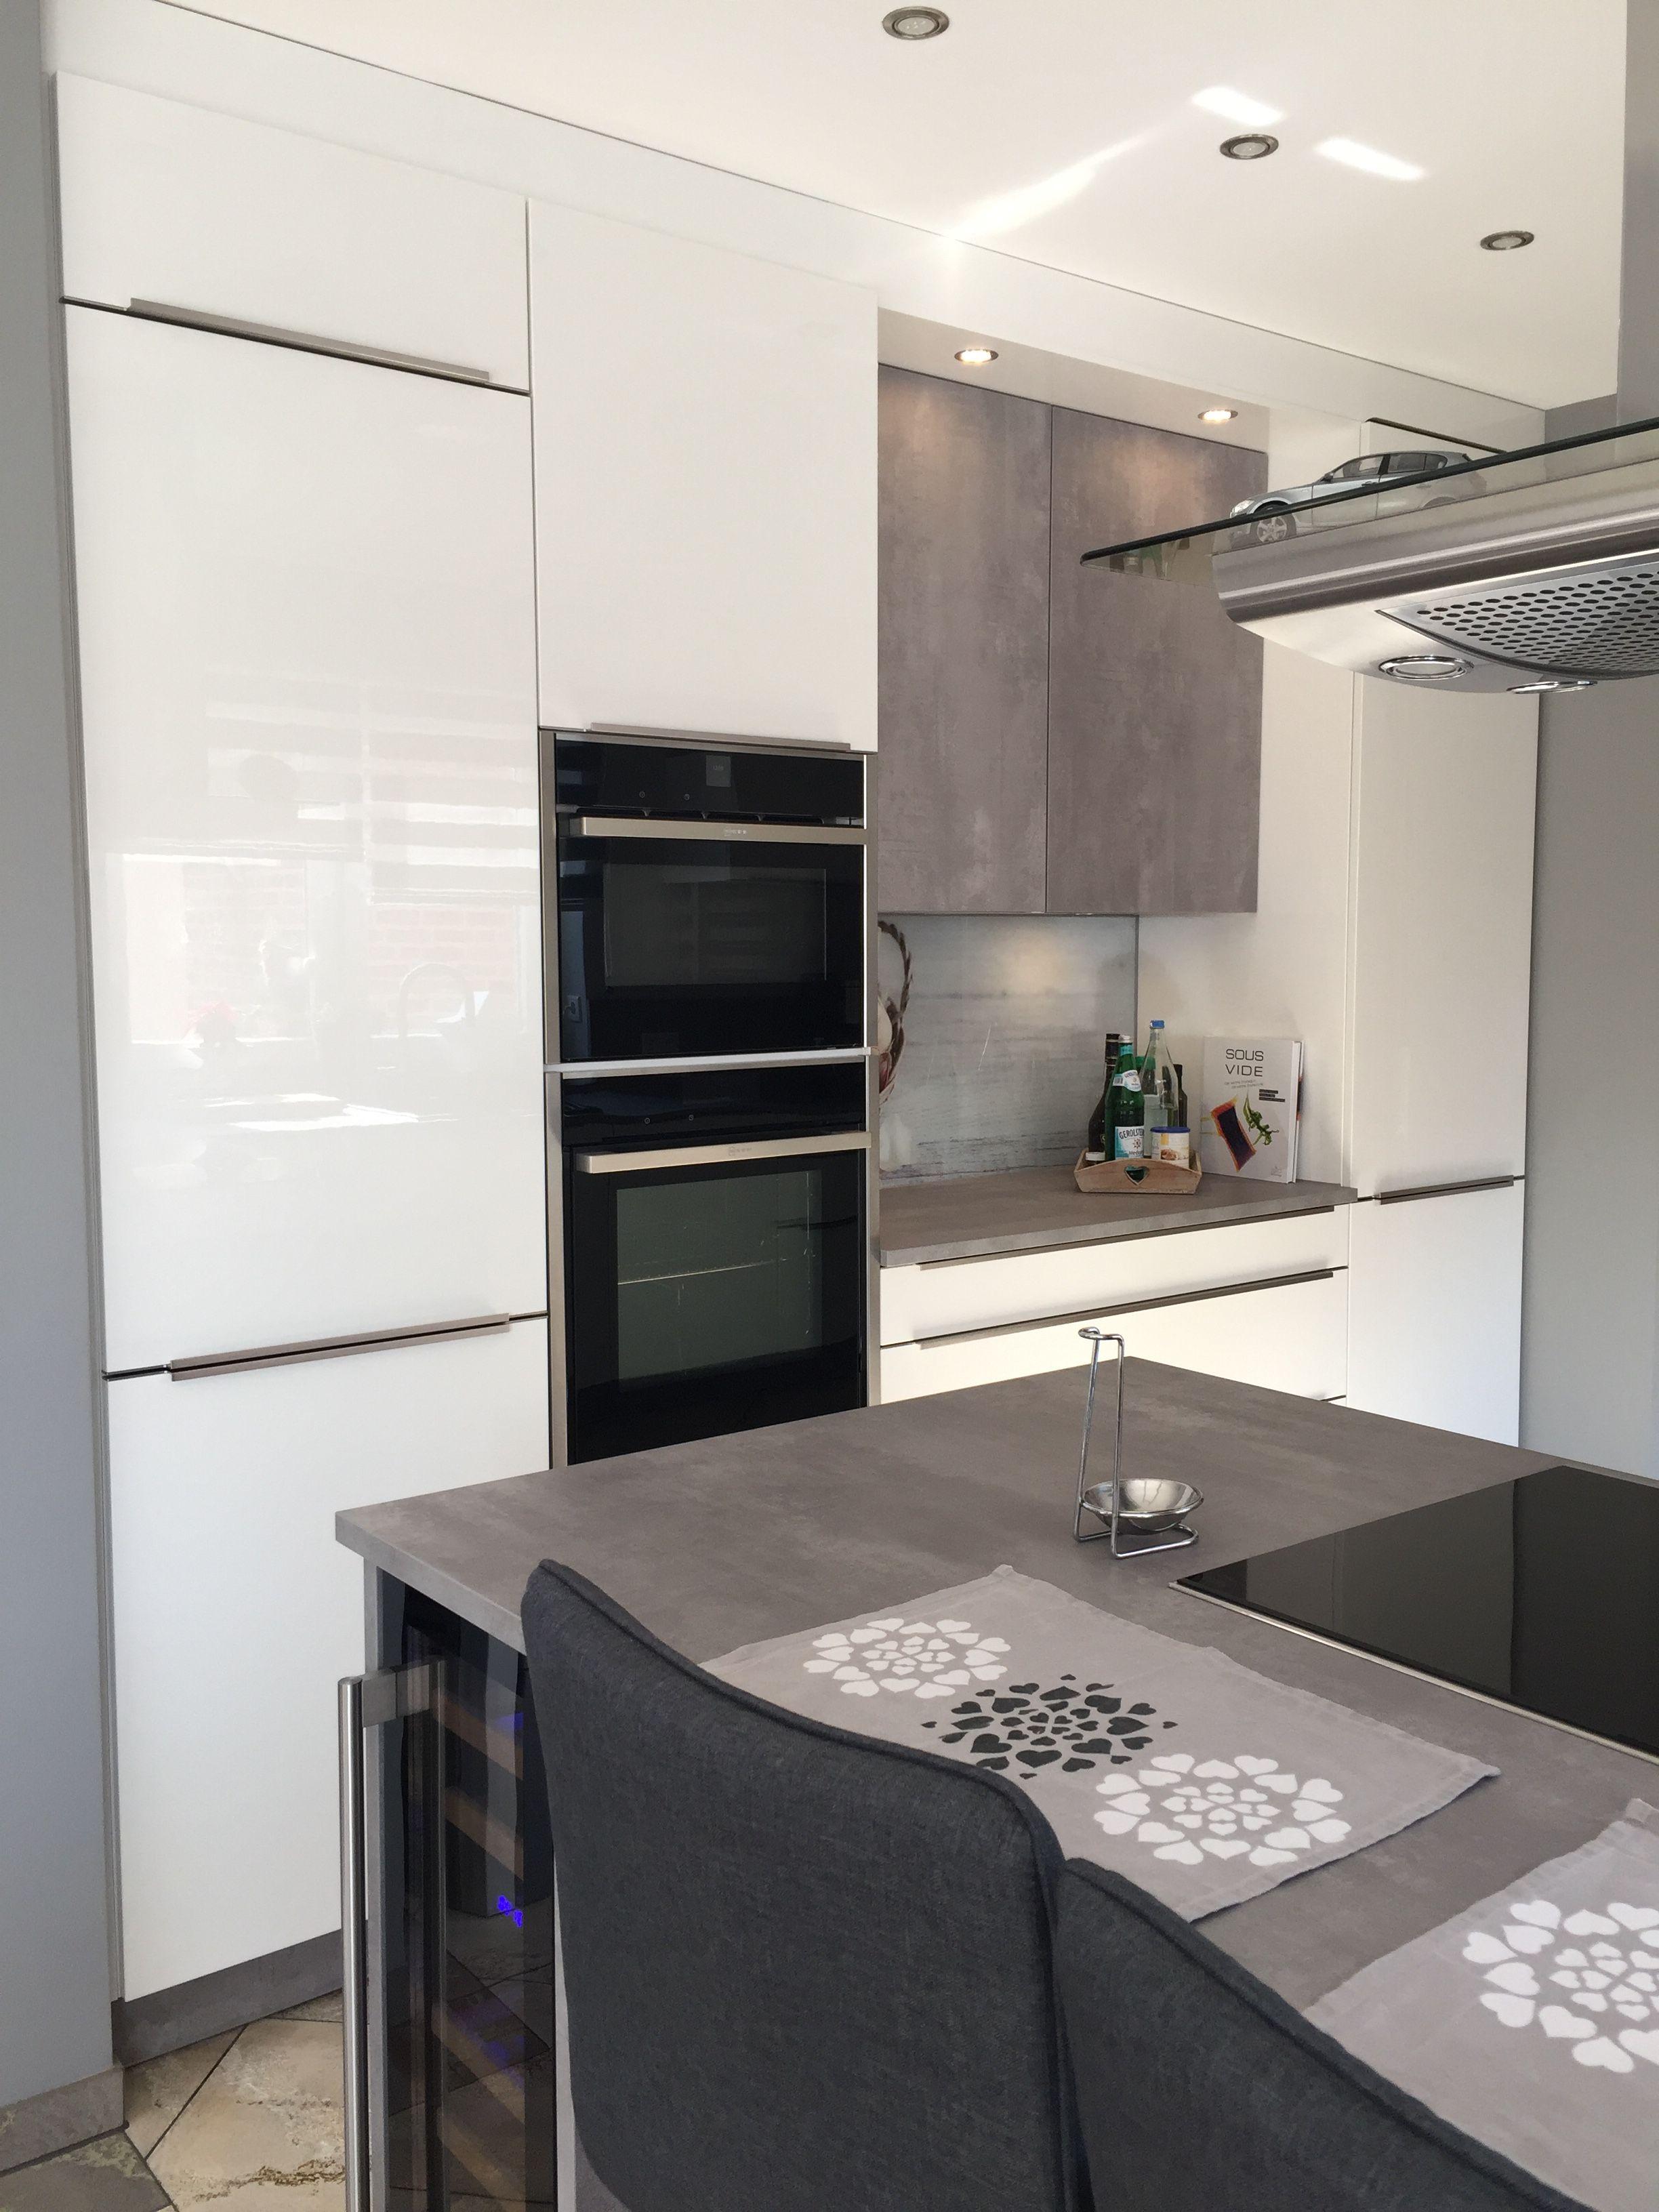 Gemütlich Billige Küche Renovieren Nj Zeitgenössisch - Ideen Für Die ...